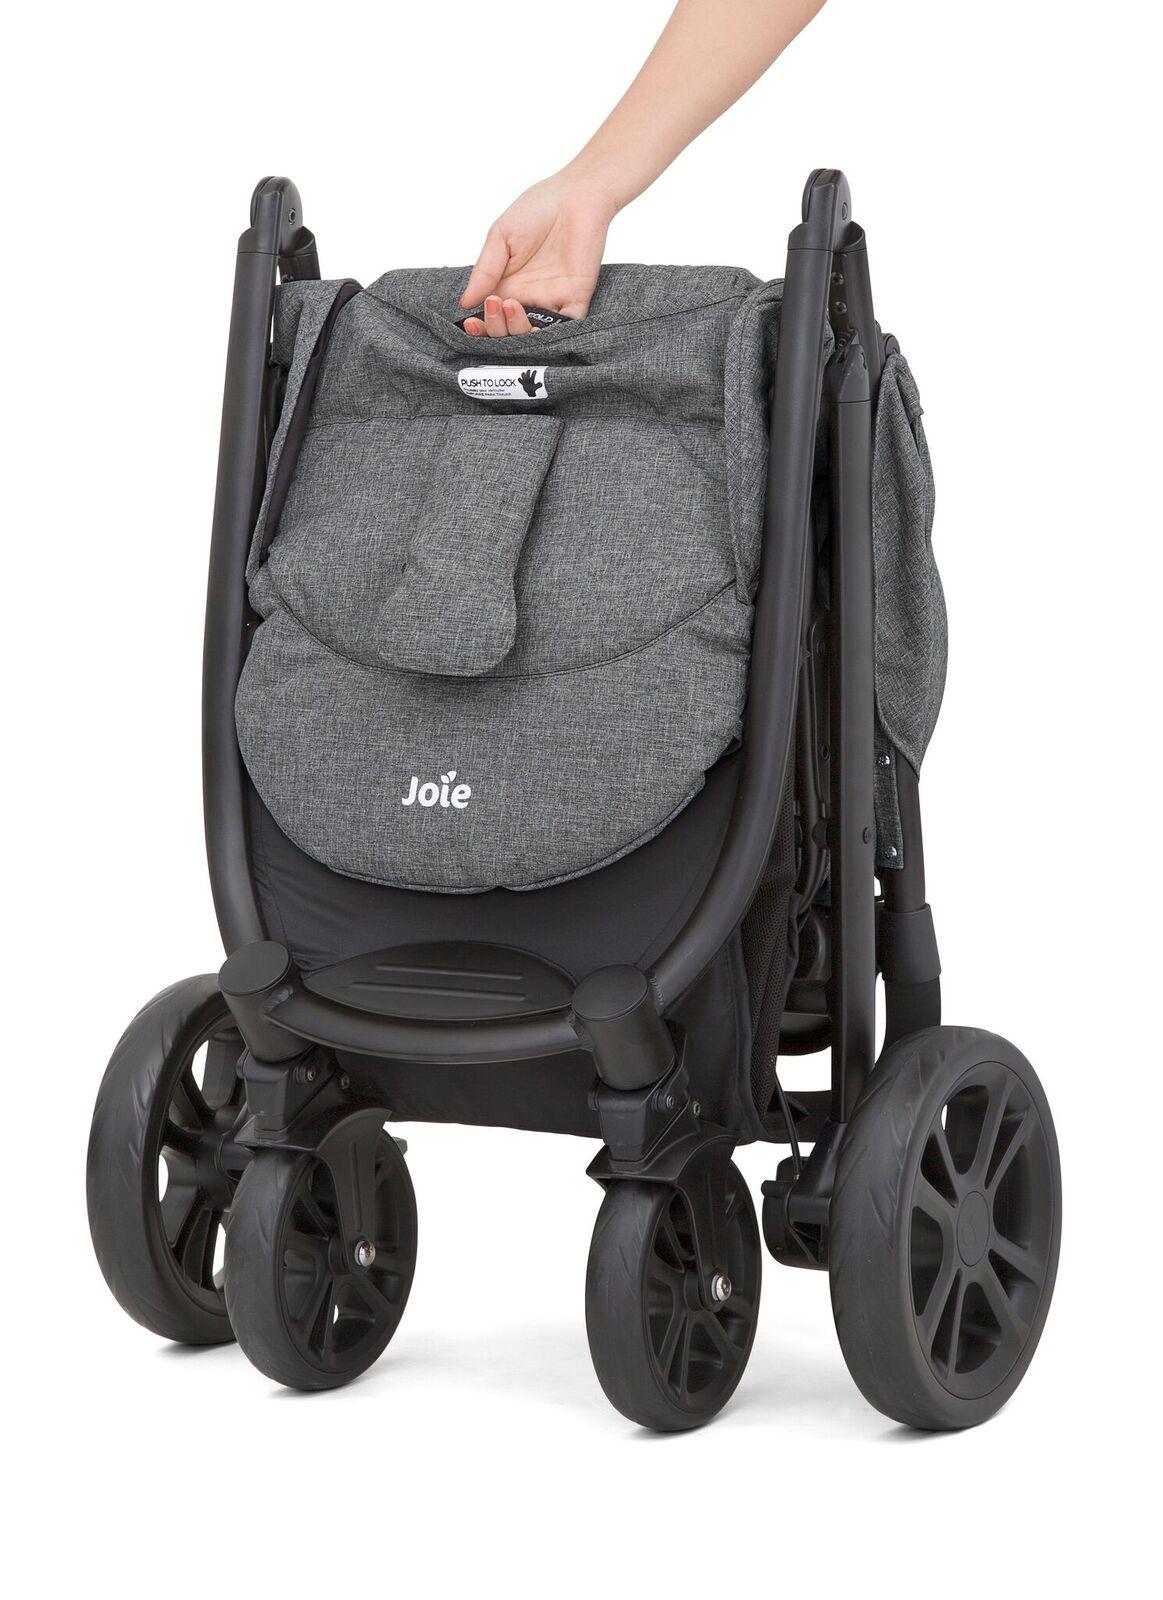 joie litetrax 4 sportwagen g nstig sofort versandkostenfrei bestellen. Black Bedroom Furniture Sets. Home Design Ideas